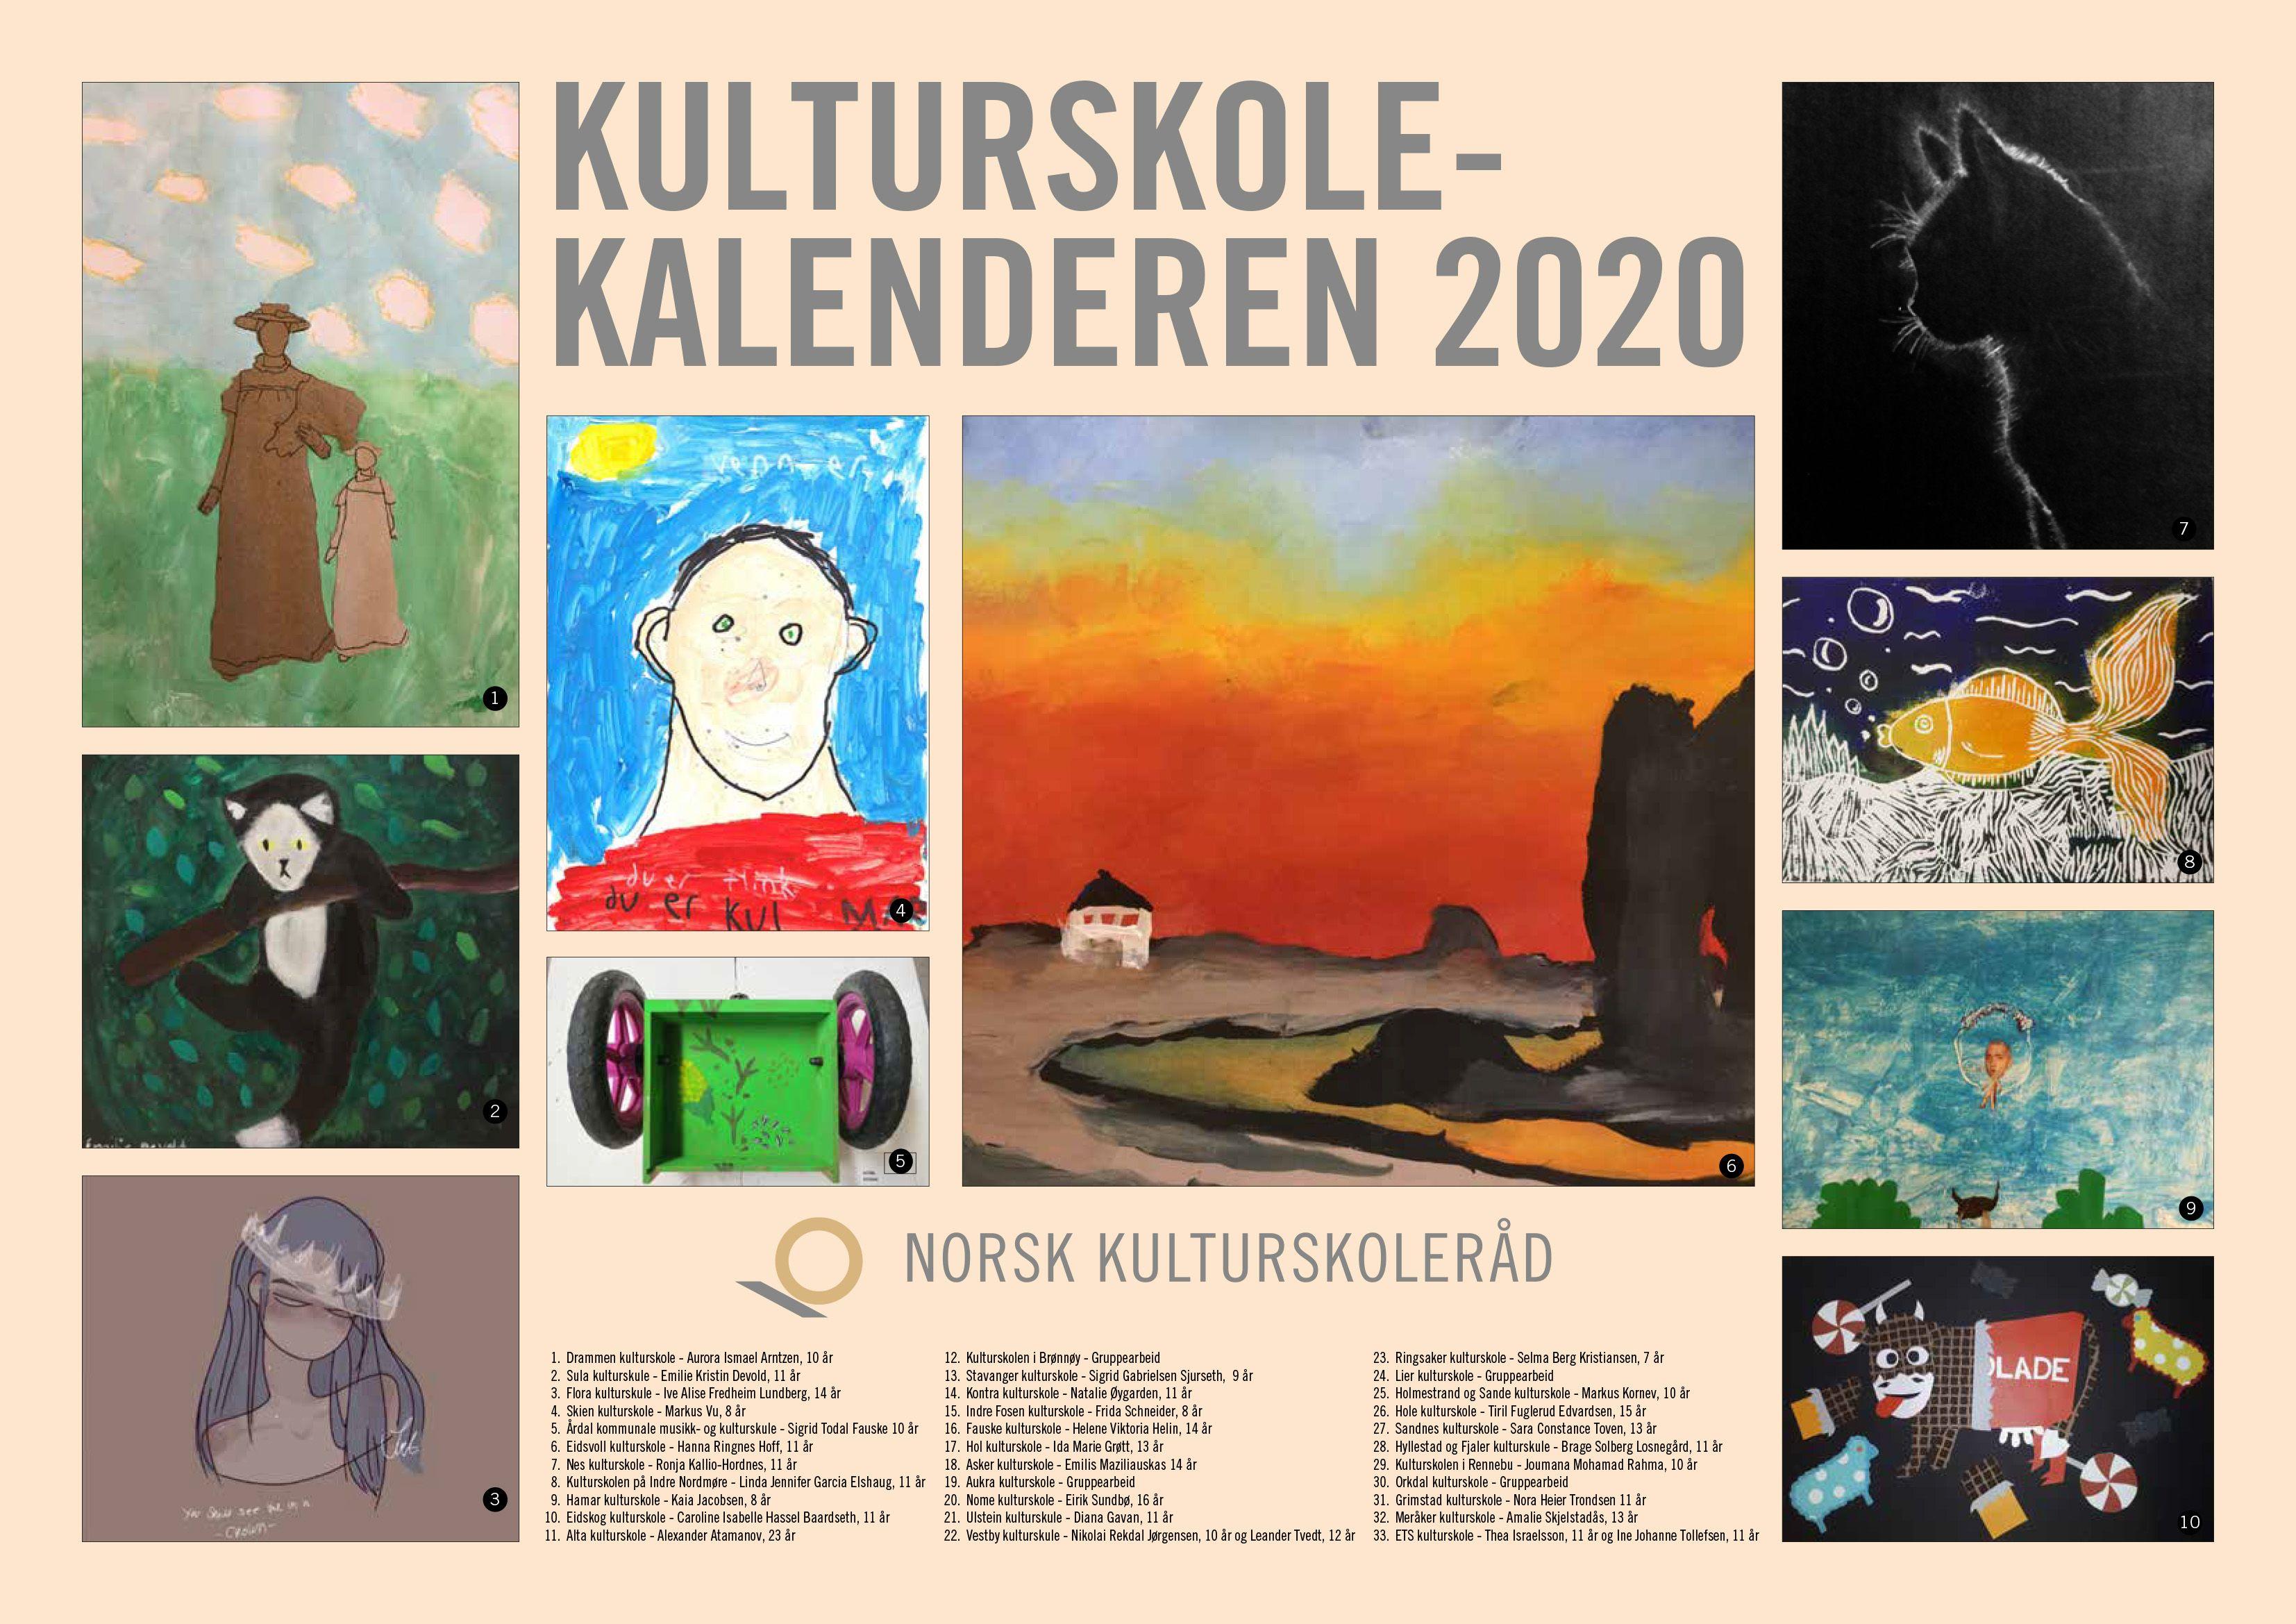 2019 Kultuskolekalenderen 2020 20.11.jpg